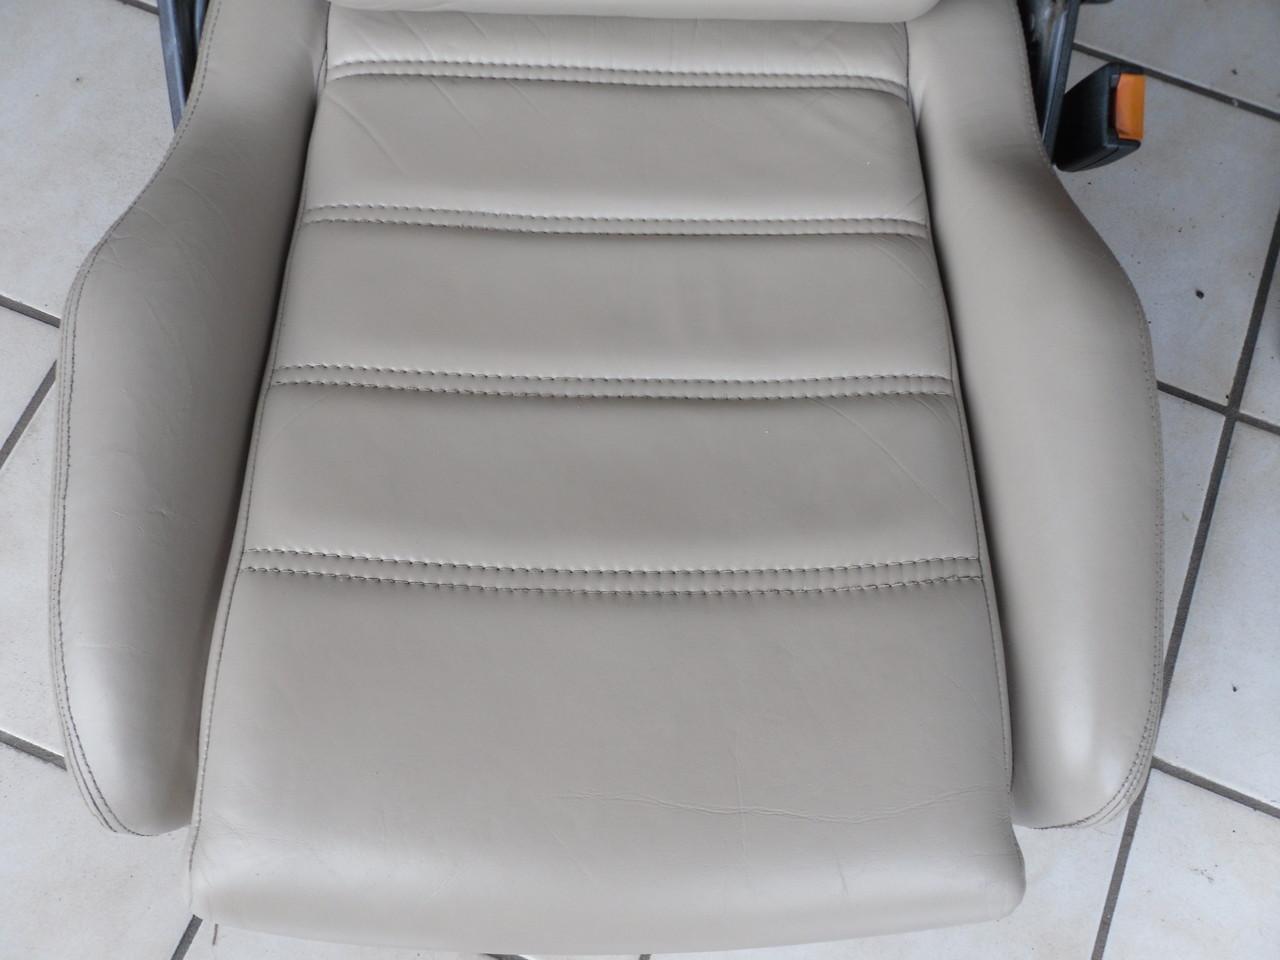 Beifahrerseite - Sitz wieder voll einsatzbereit